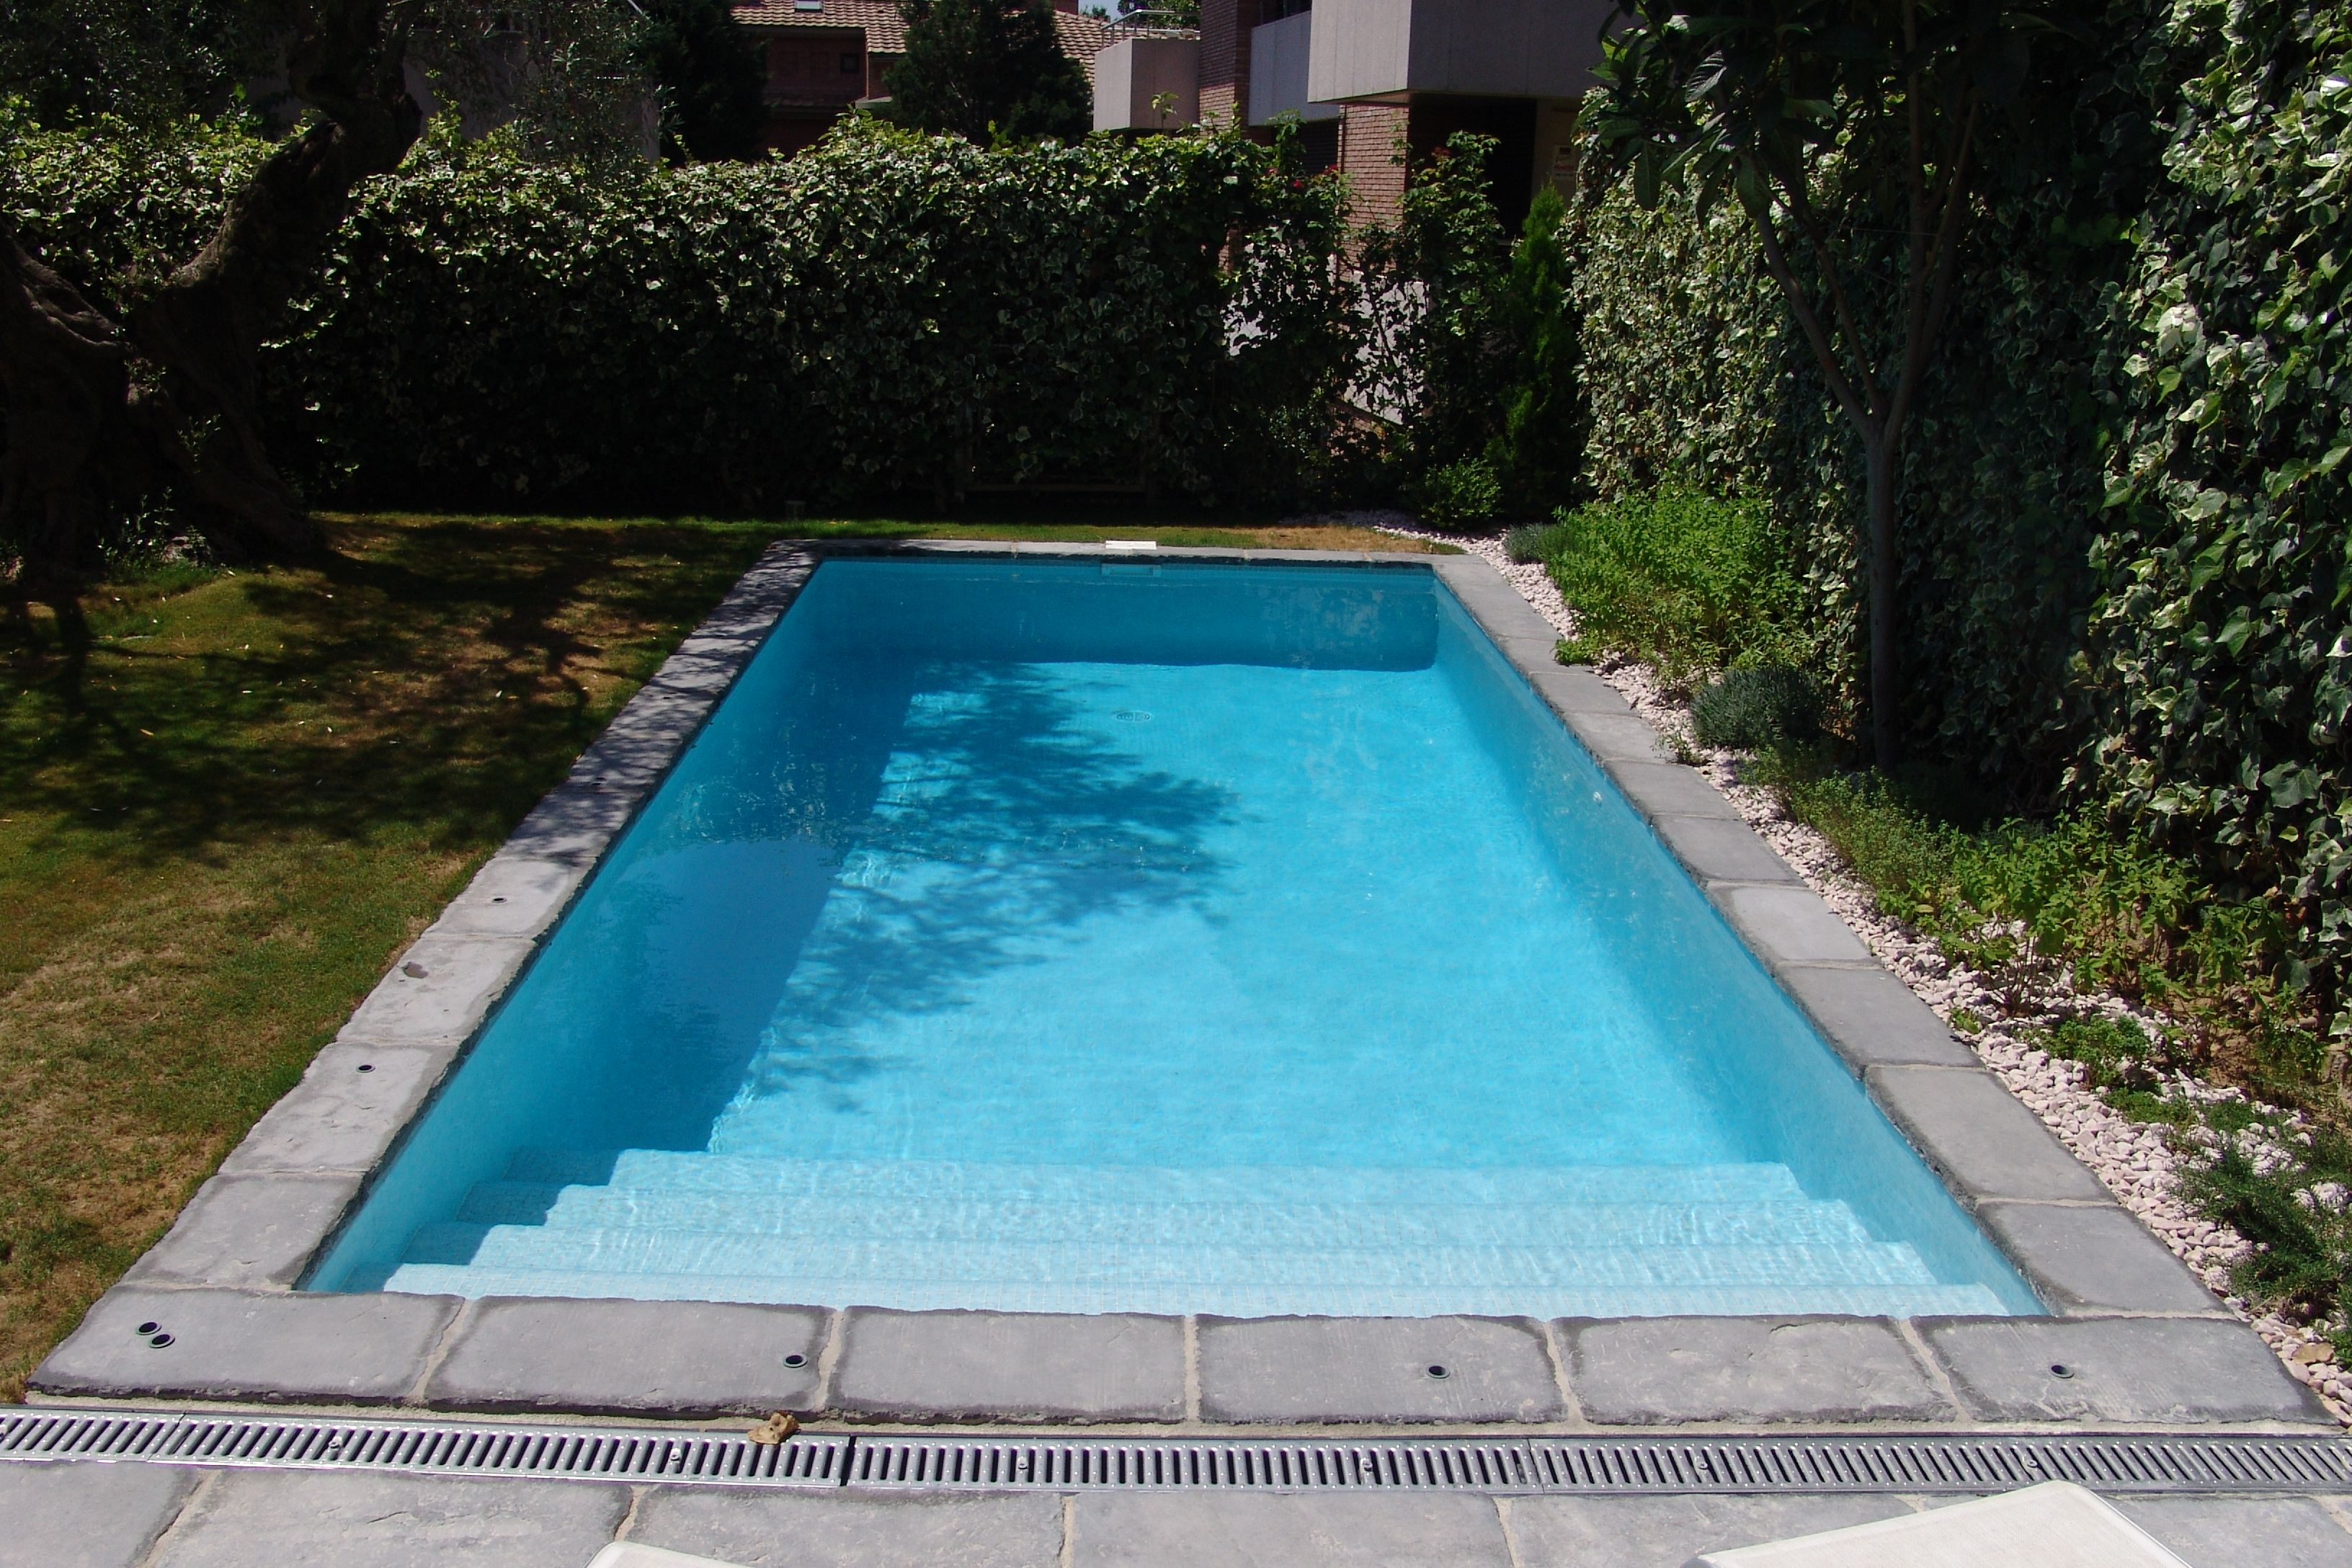 Piscina de ferr n piscinas piscina rectangular con for Ofertas piscinas desmontables rectangulares